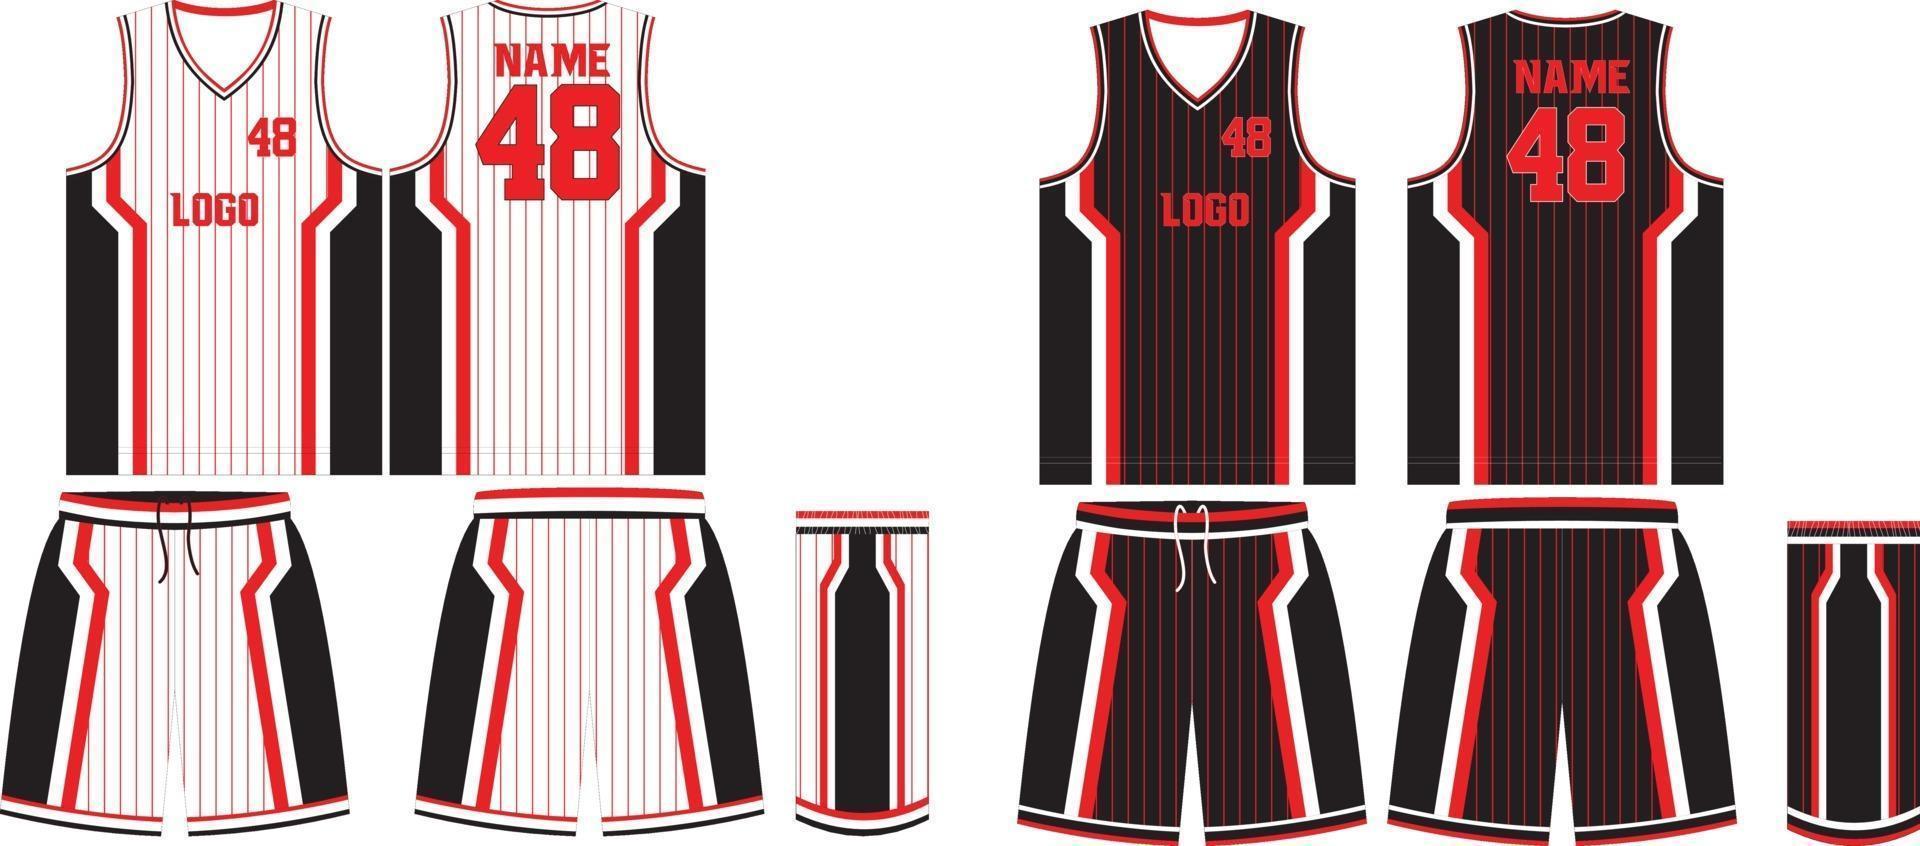 maillot et short d'uniforme de basket-ball réversible vecteur